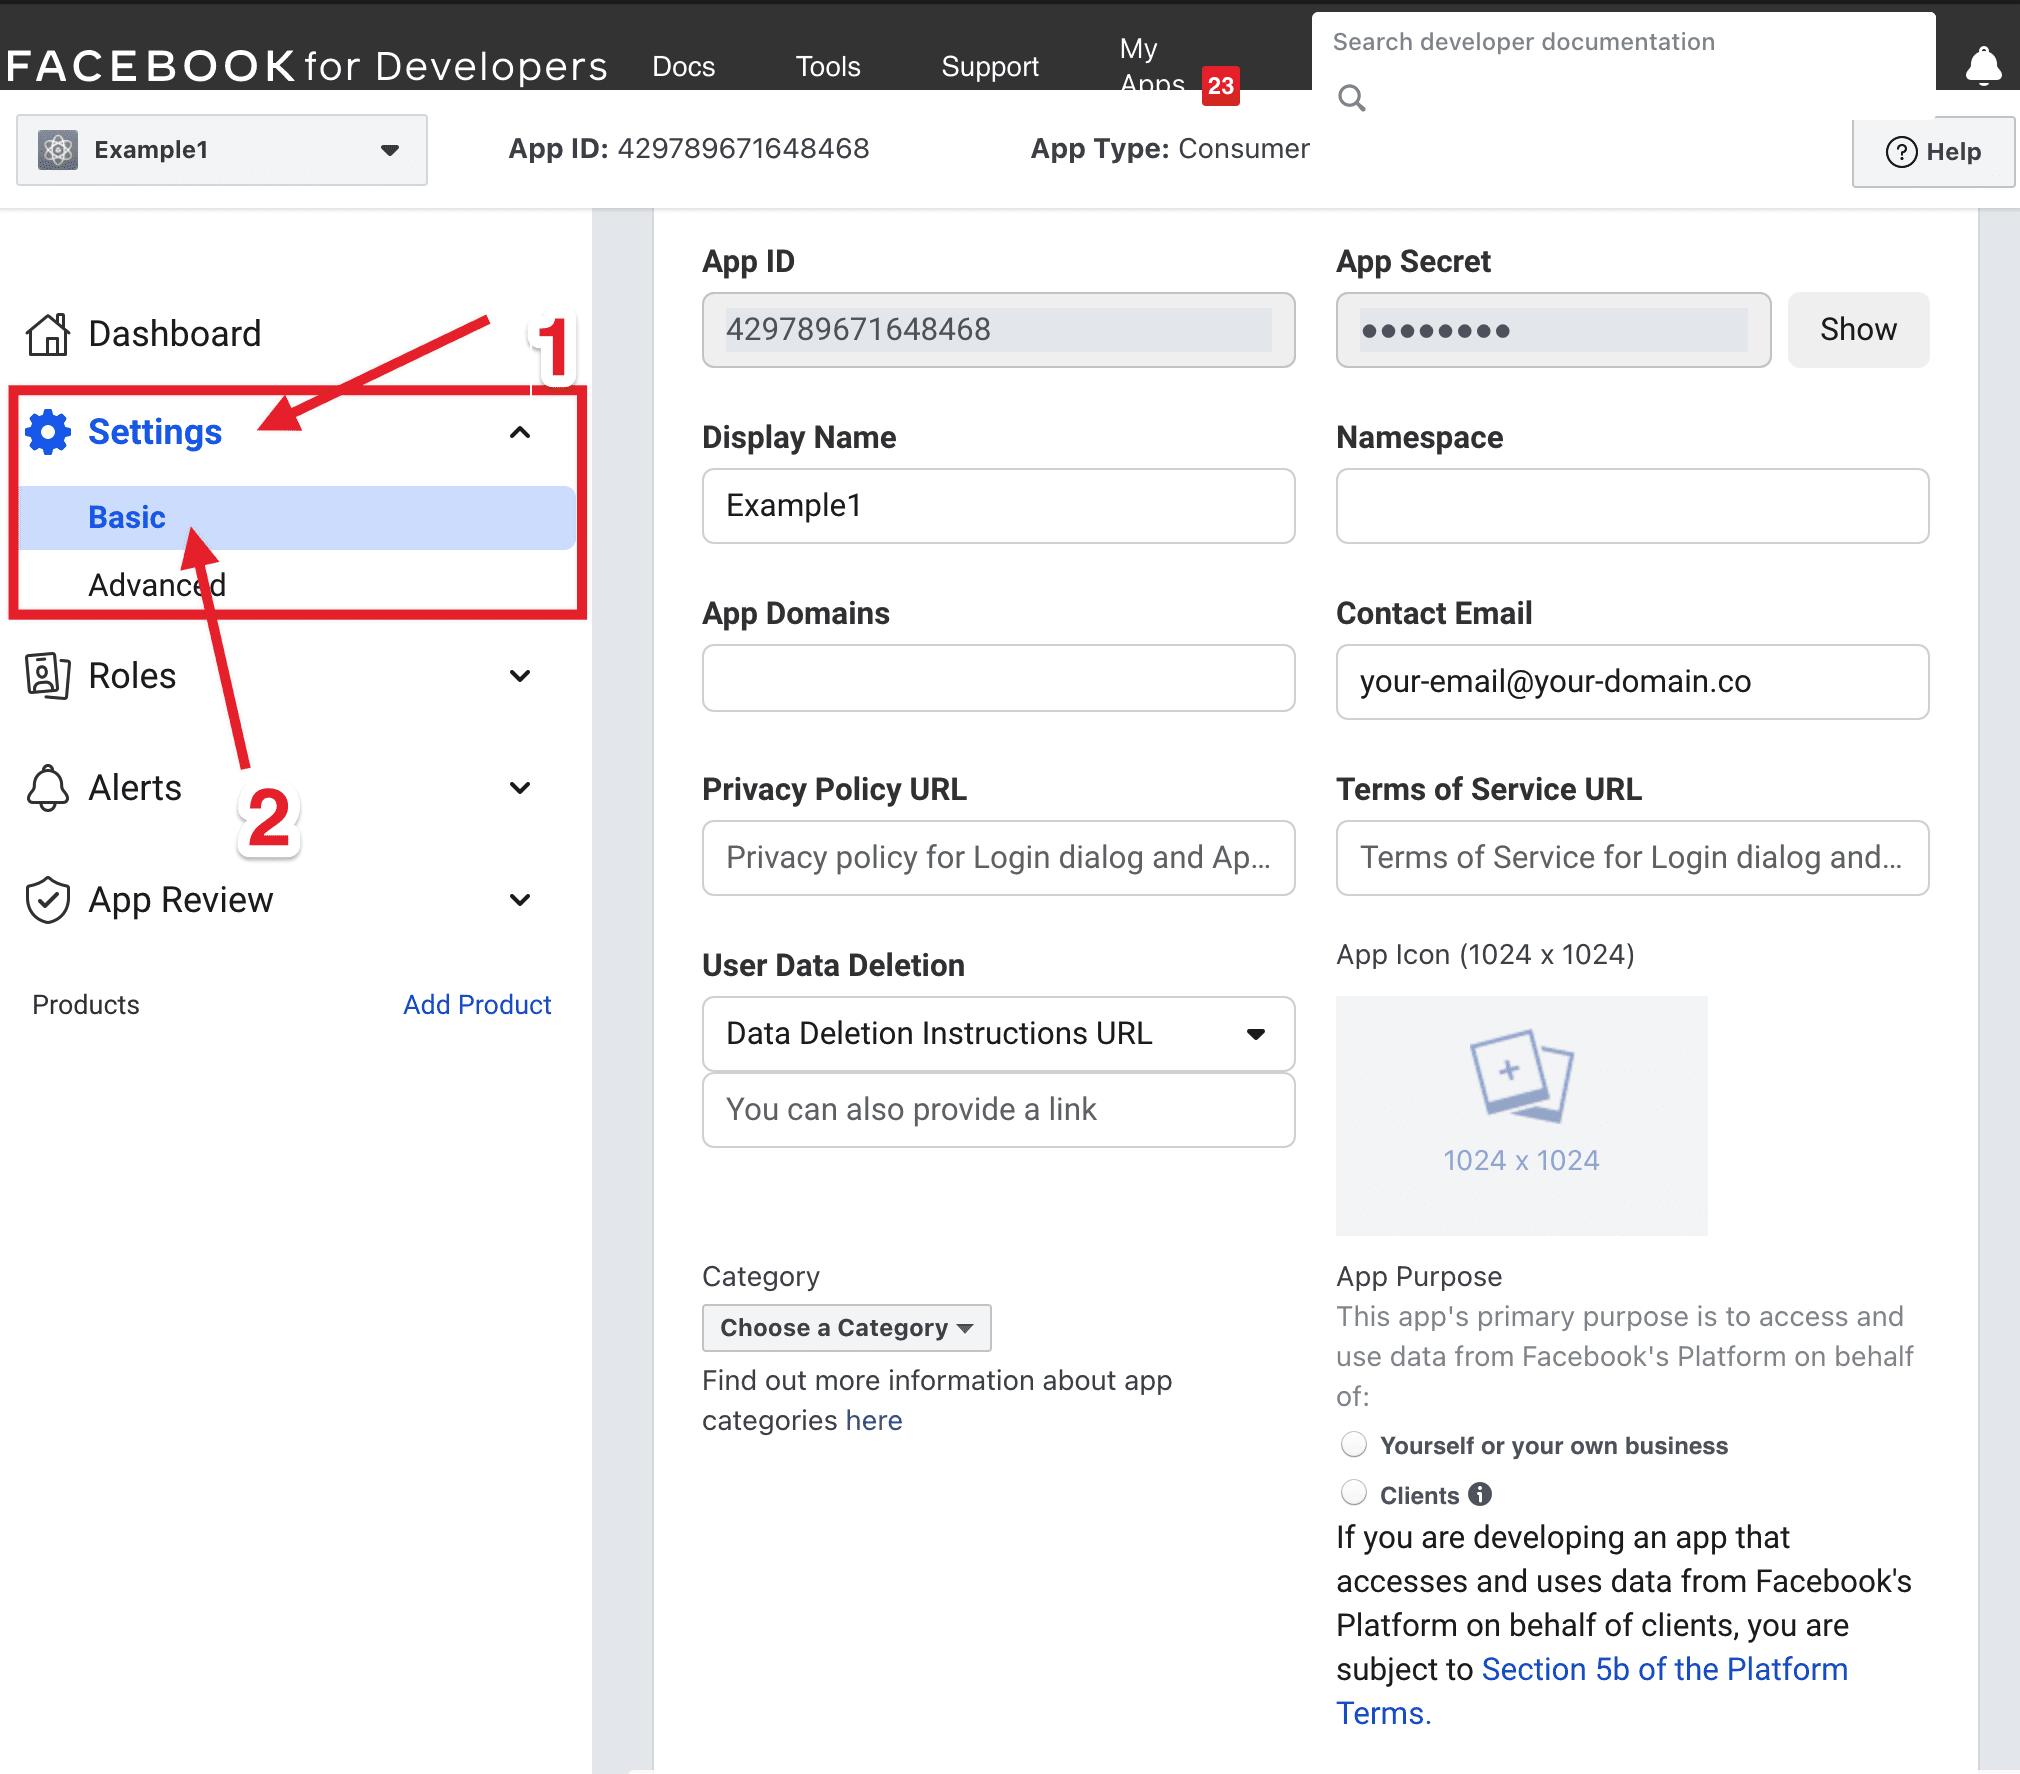 Markup 2021-08-16 at 16.06.59.png